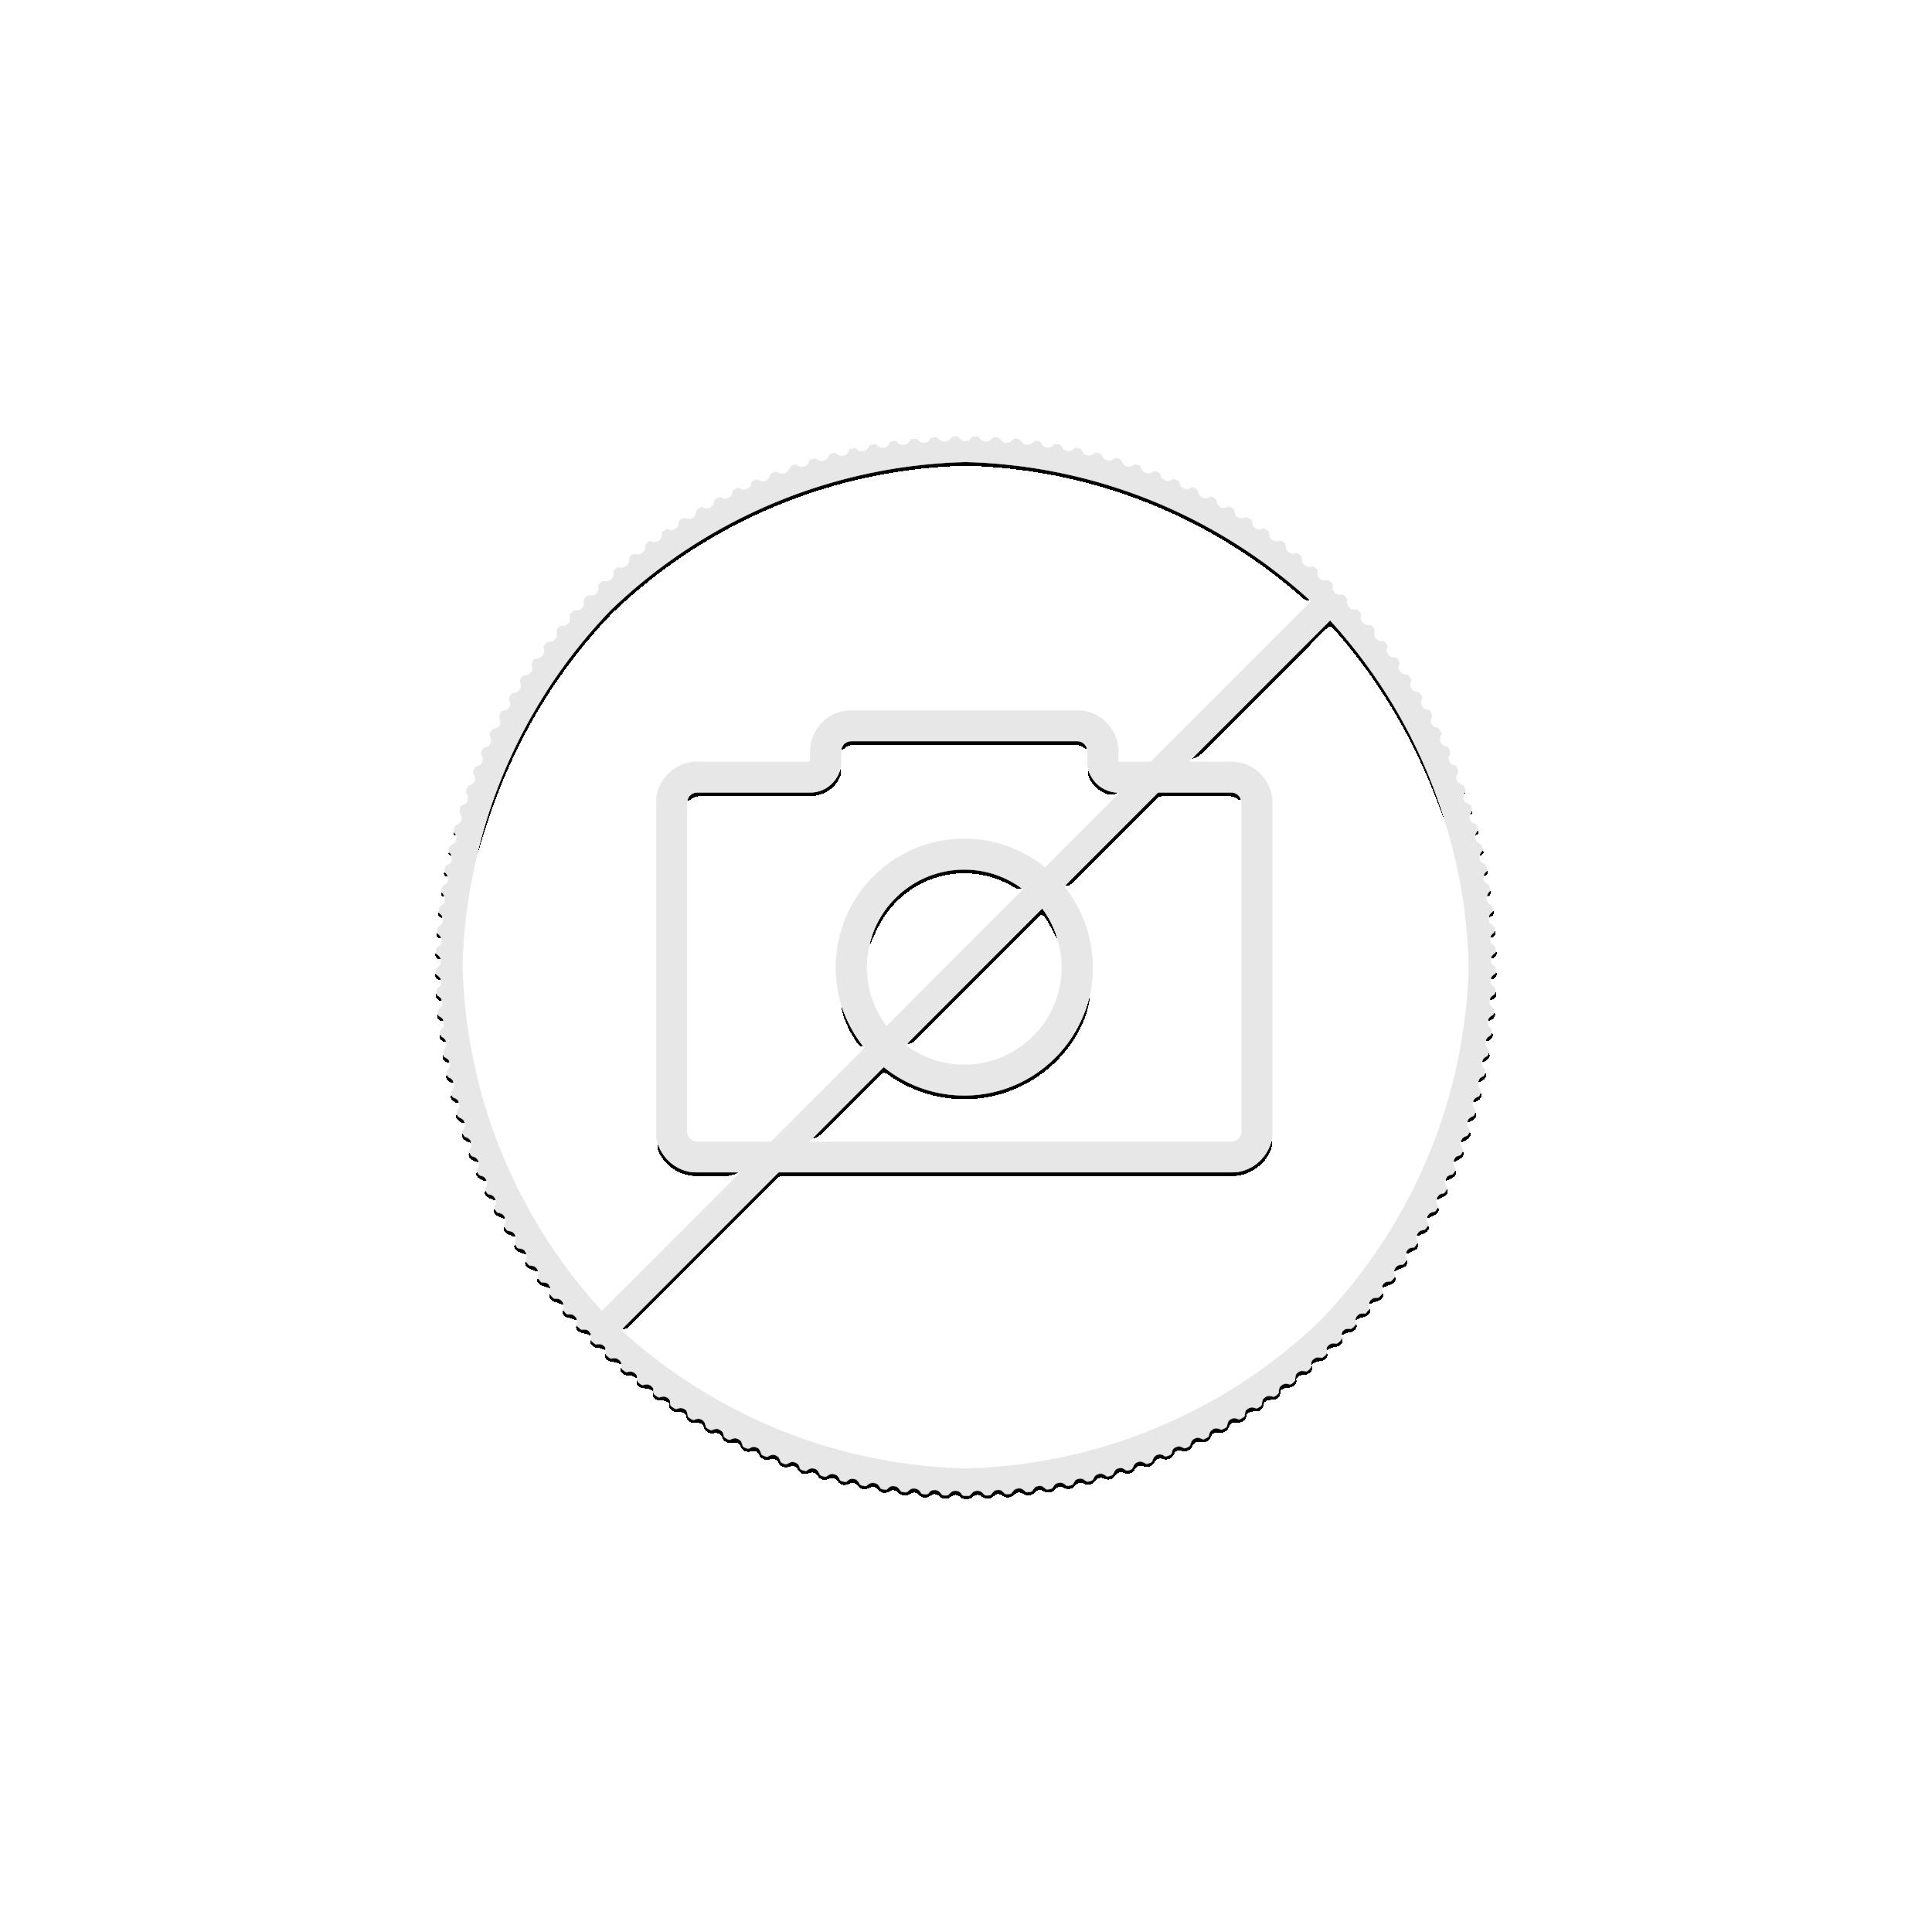 Kookaburra 2022 silver coin 1 troy ounce